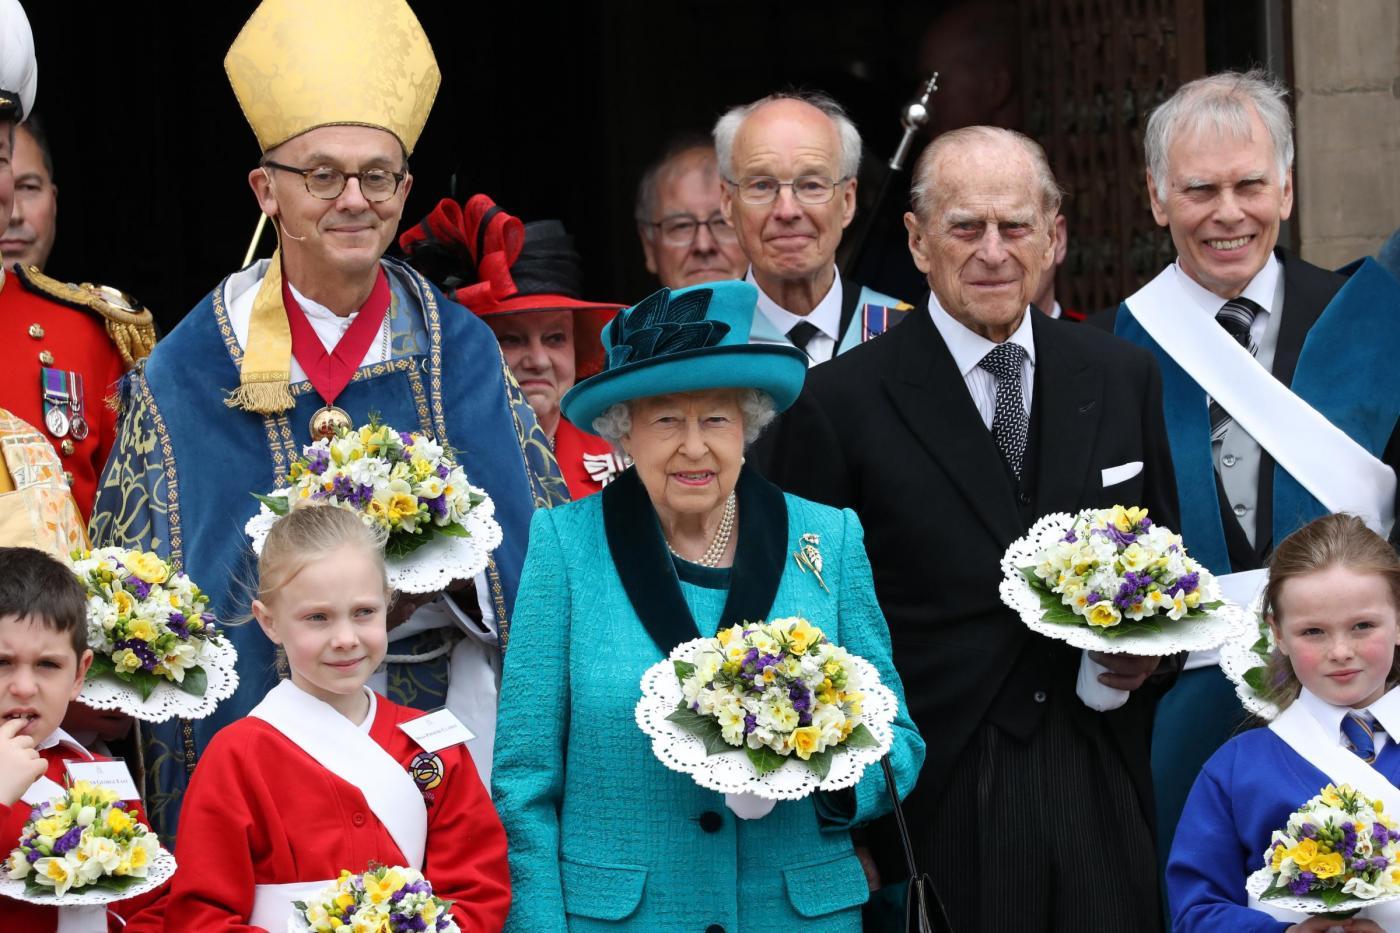 Regina Elisabetta al Royal Maundy Service nella cattedrale di Leicester